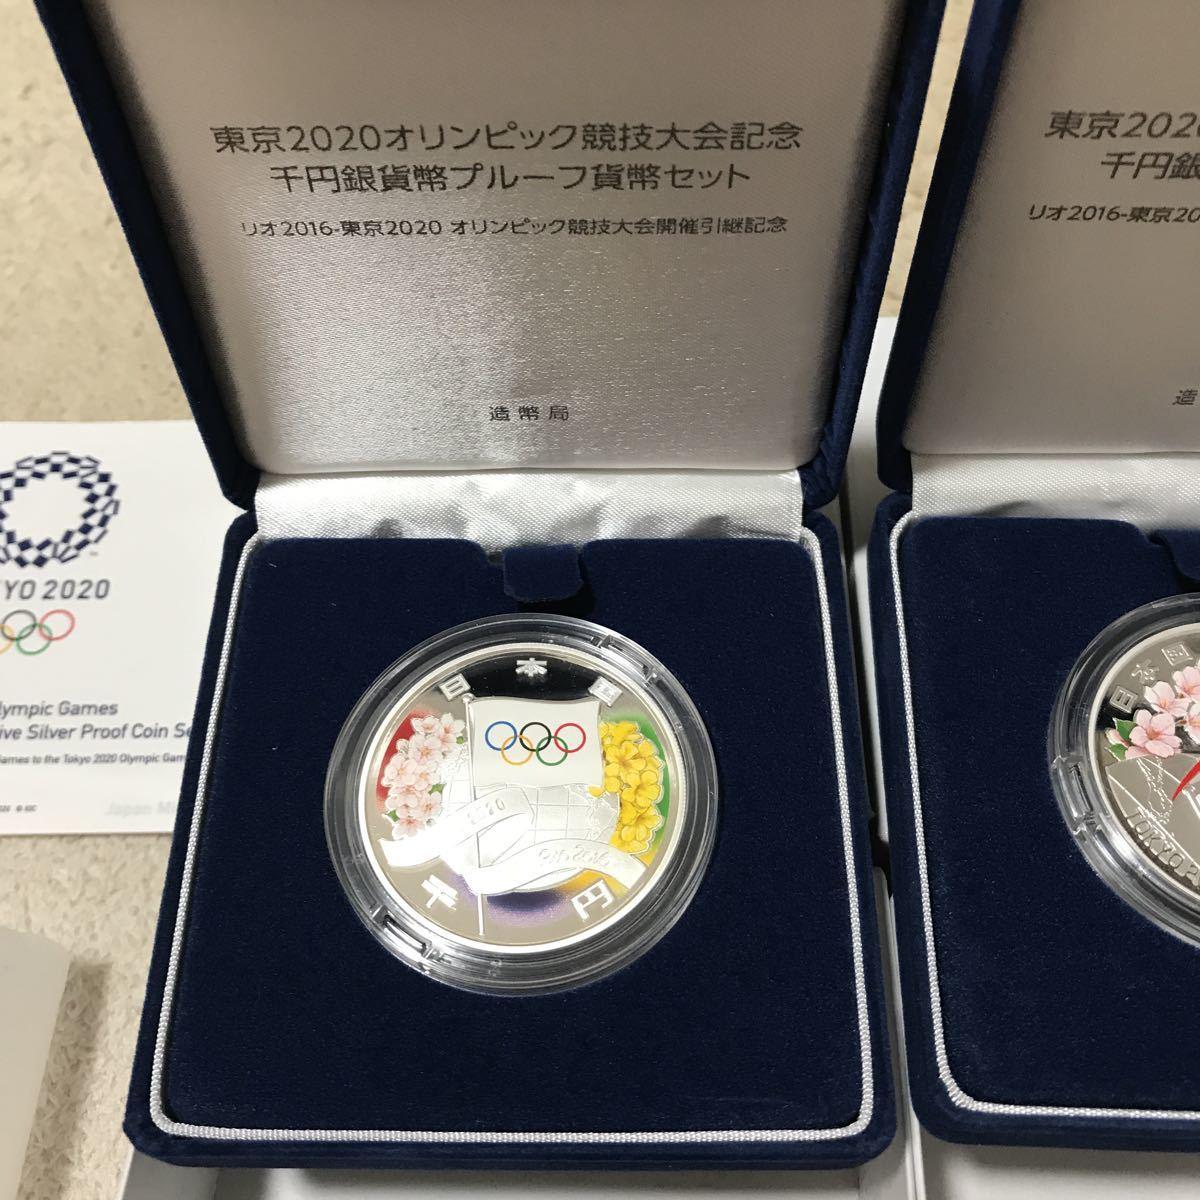 薄荷東京2020年奧運會·殘奧會高爾夫錦標賽紀念證明貨幣集 編號:f295471152